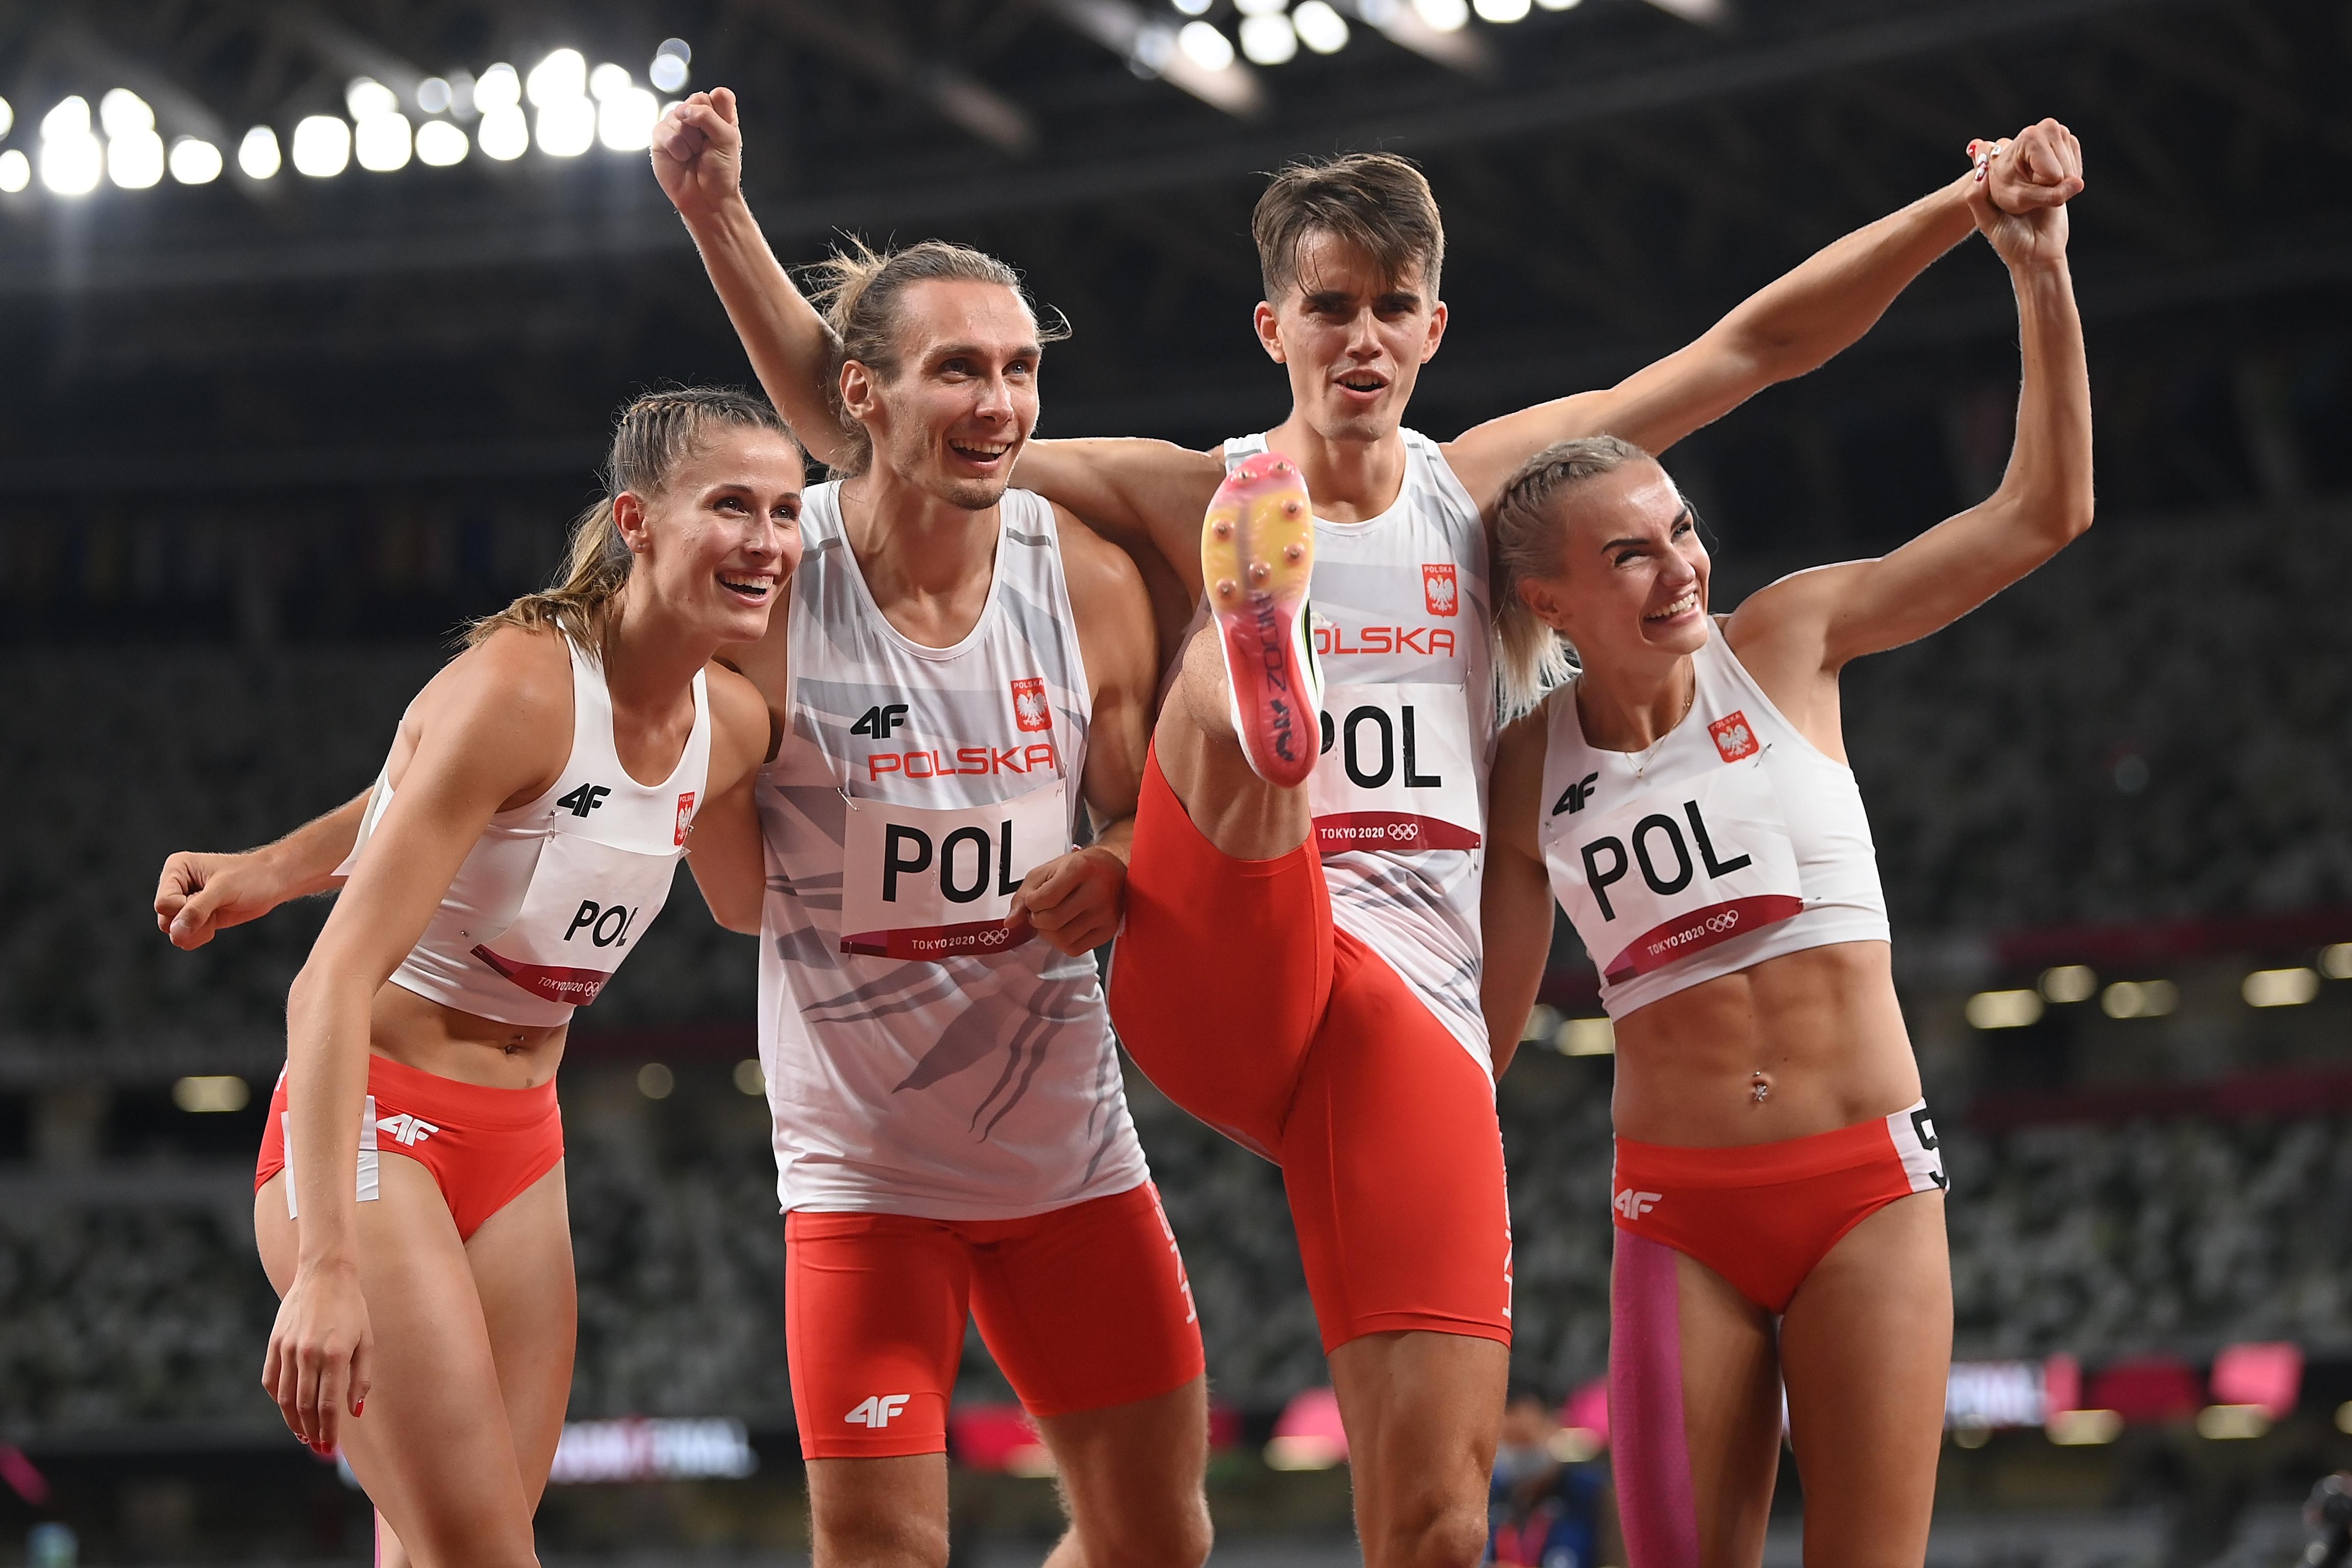 Igrzyska olimpijskie Tokio - Polska sztafeta mieszana